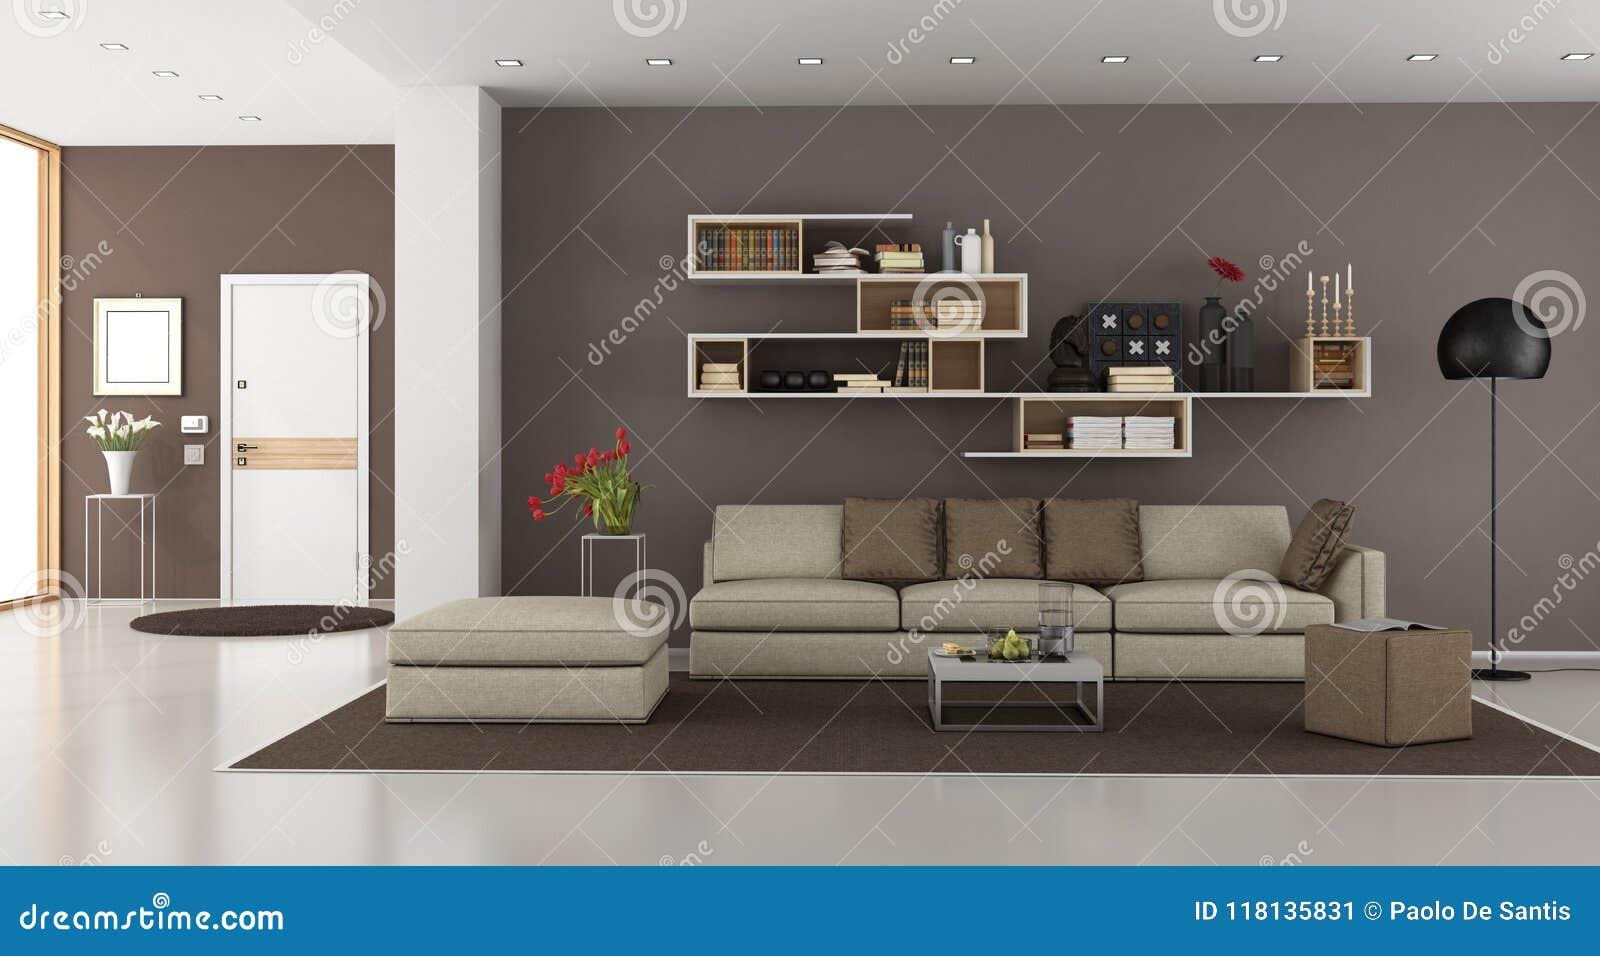 Woonkamer Lampen Modern : Woonkamer van een modern huis stock illustratie illustratie